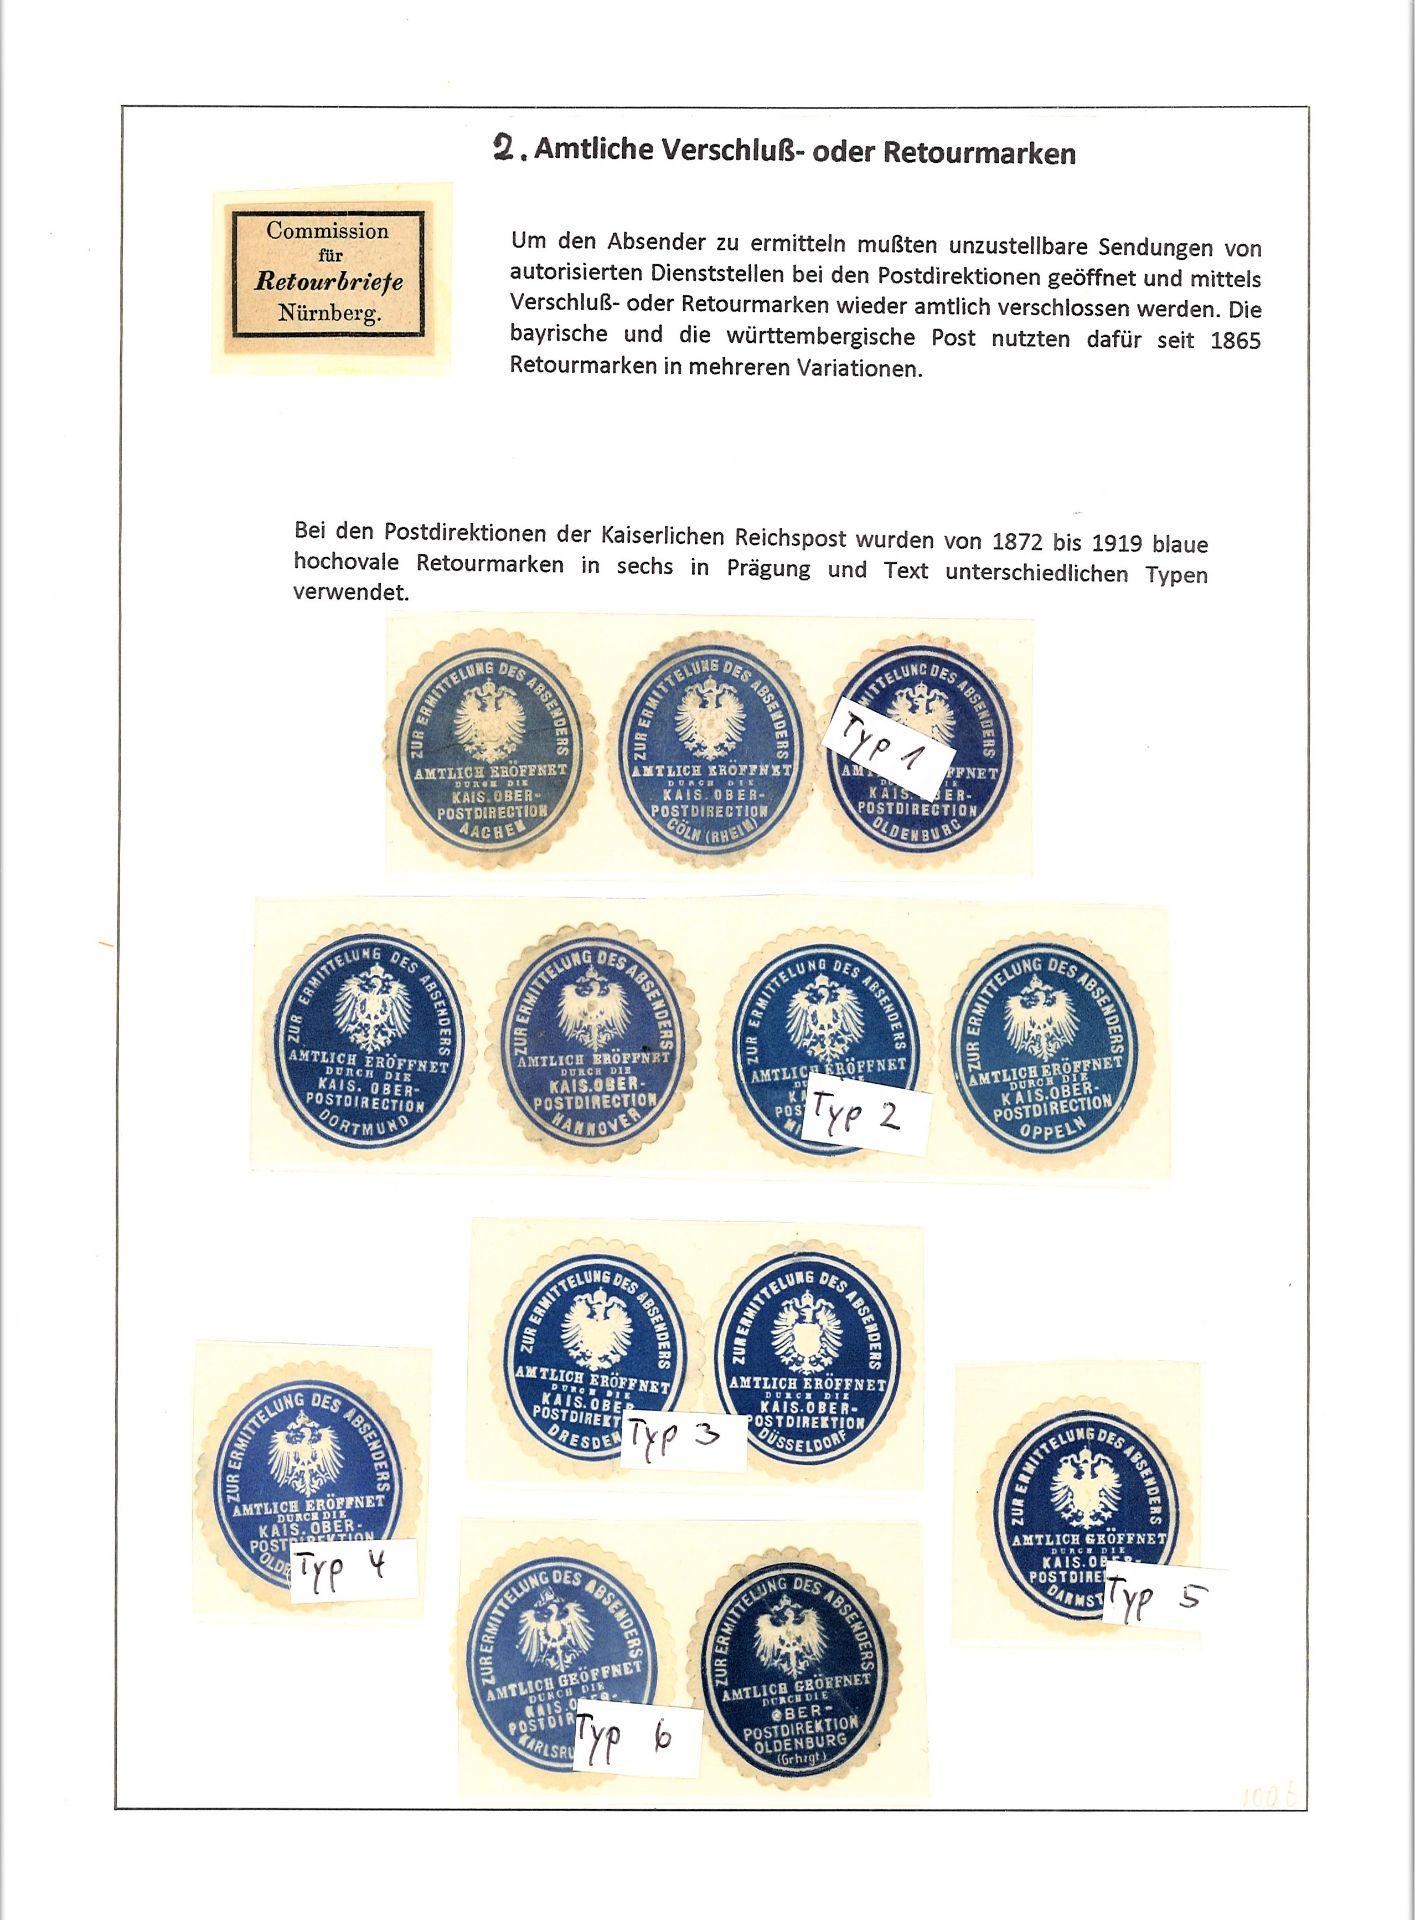 Blauer Leuchtturm Ringbinder mit 96 Blatt und 277 Belegen und 17 Verschlußmarken bzw. - Image 4 of 12